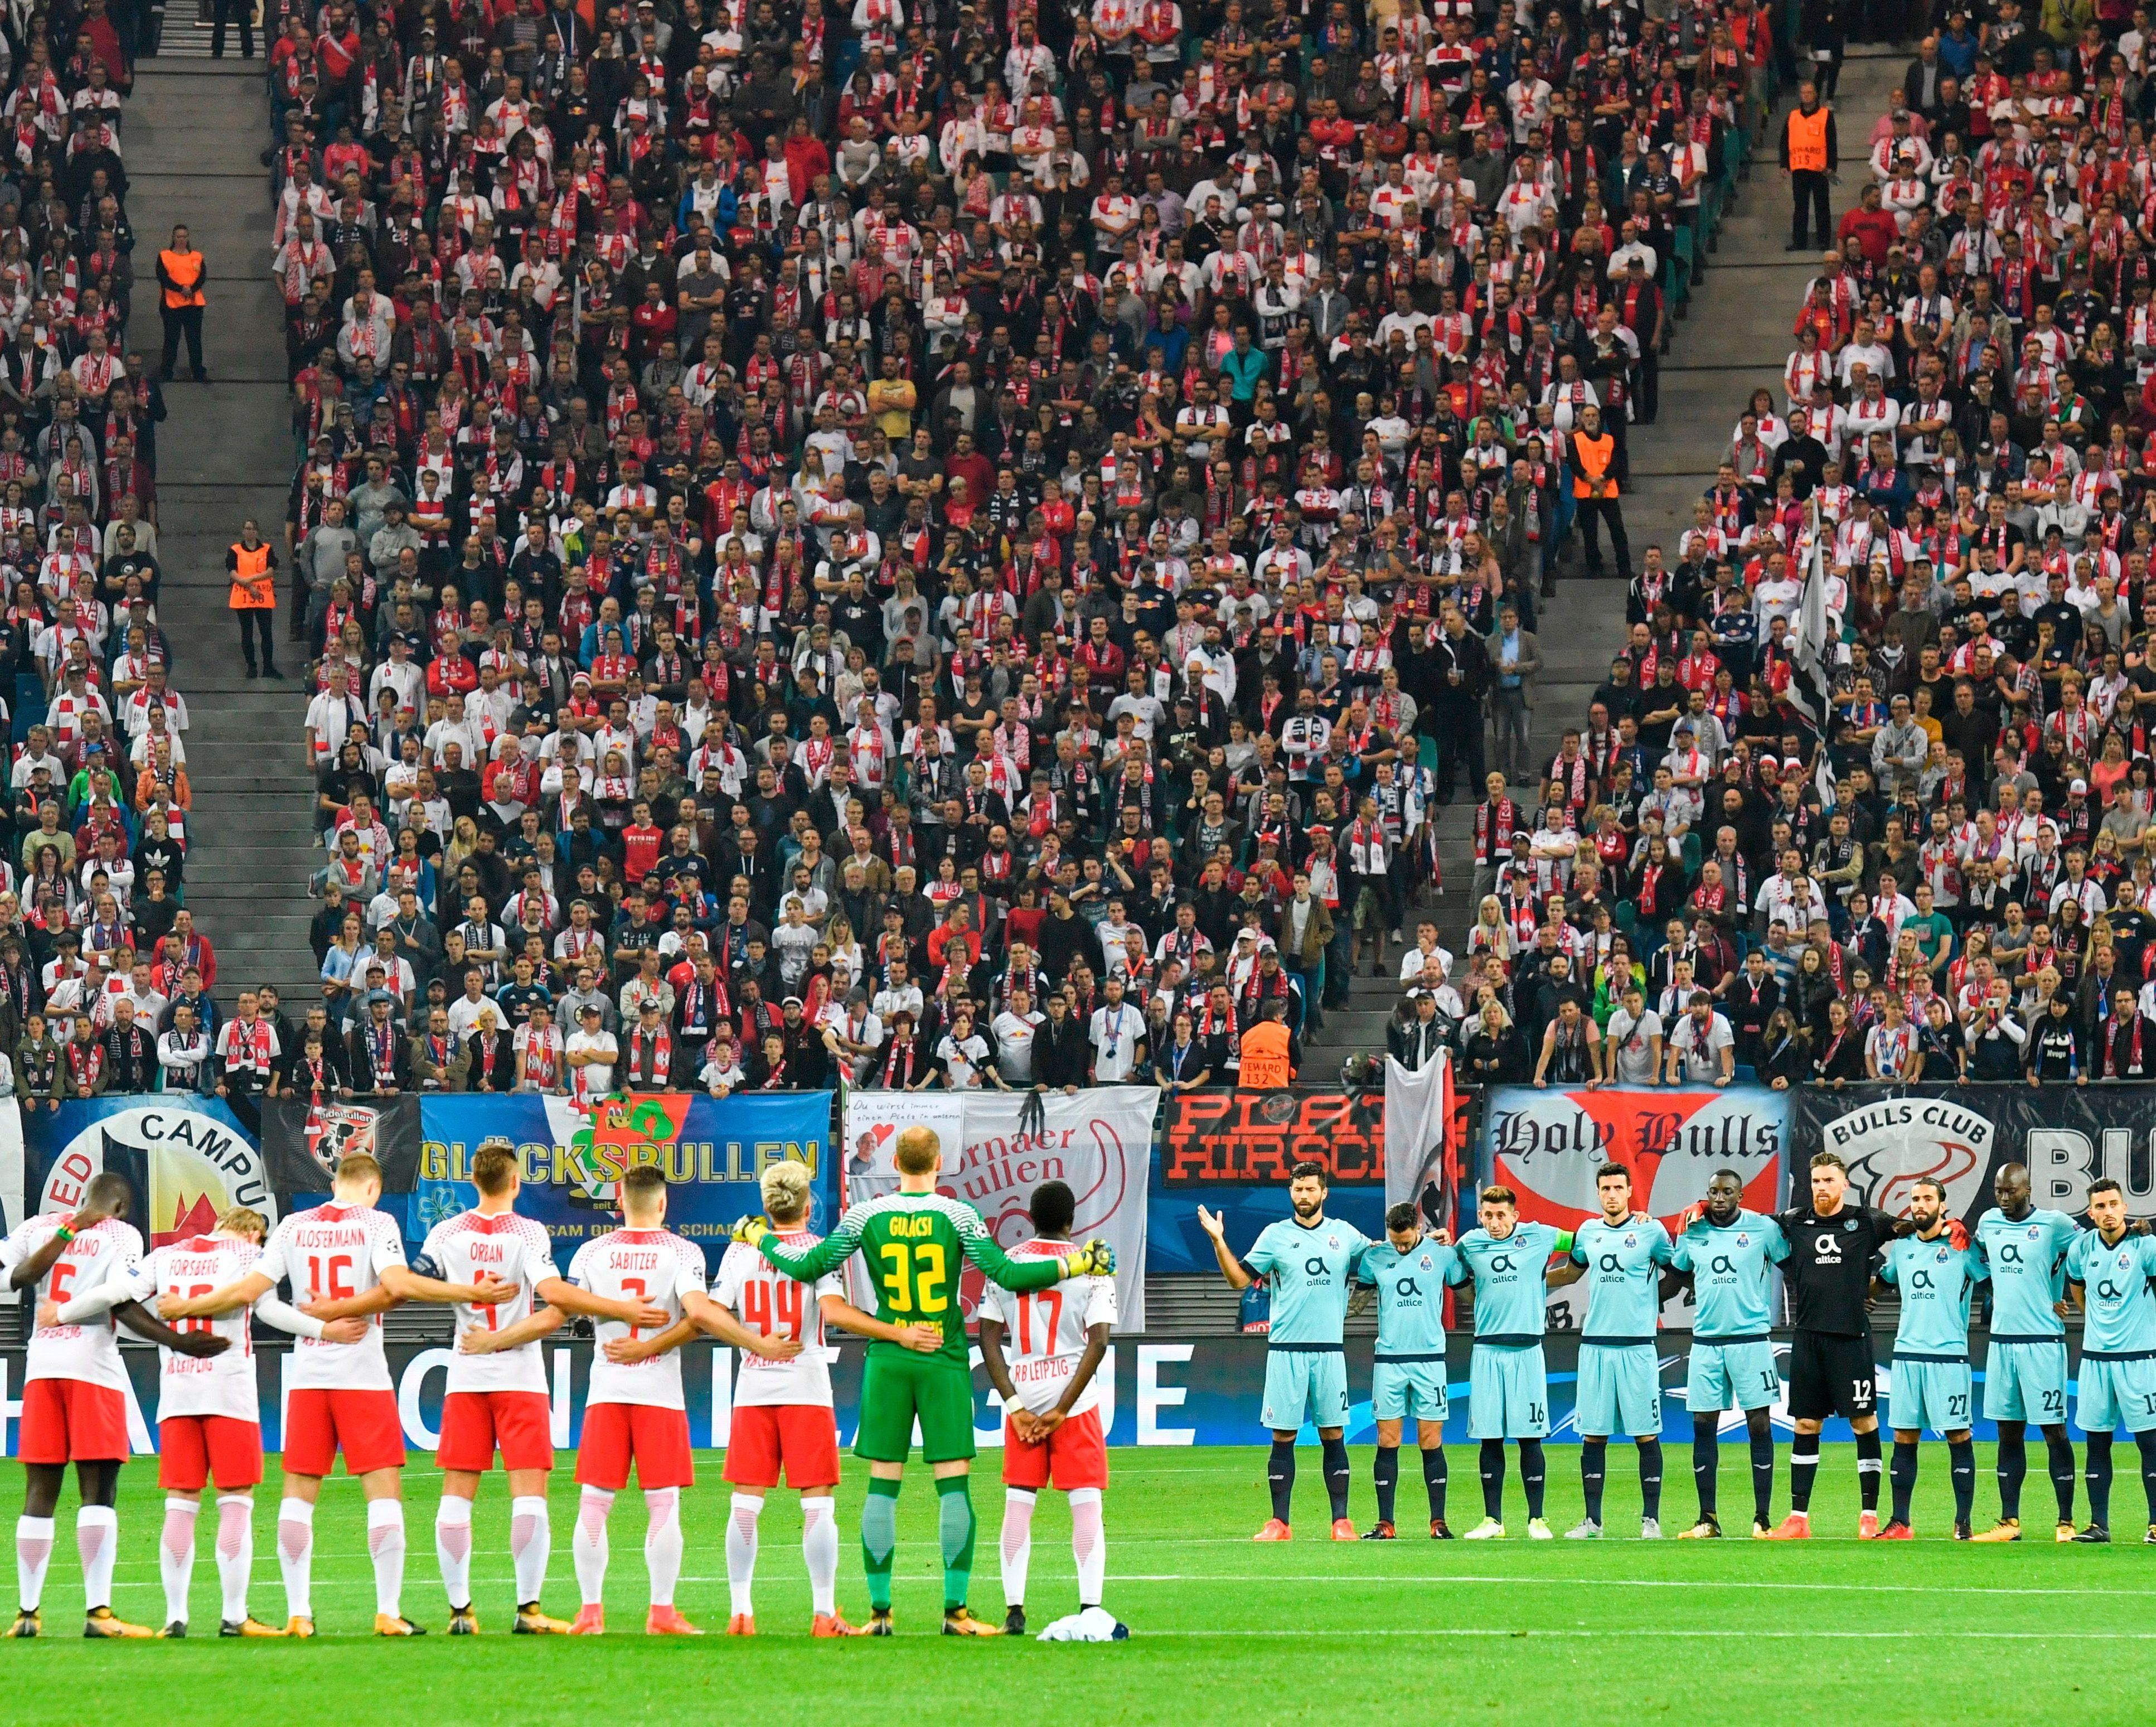 Esta Es La Historia Del Rb Leipzig En La Champions League Bundesliga